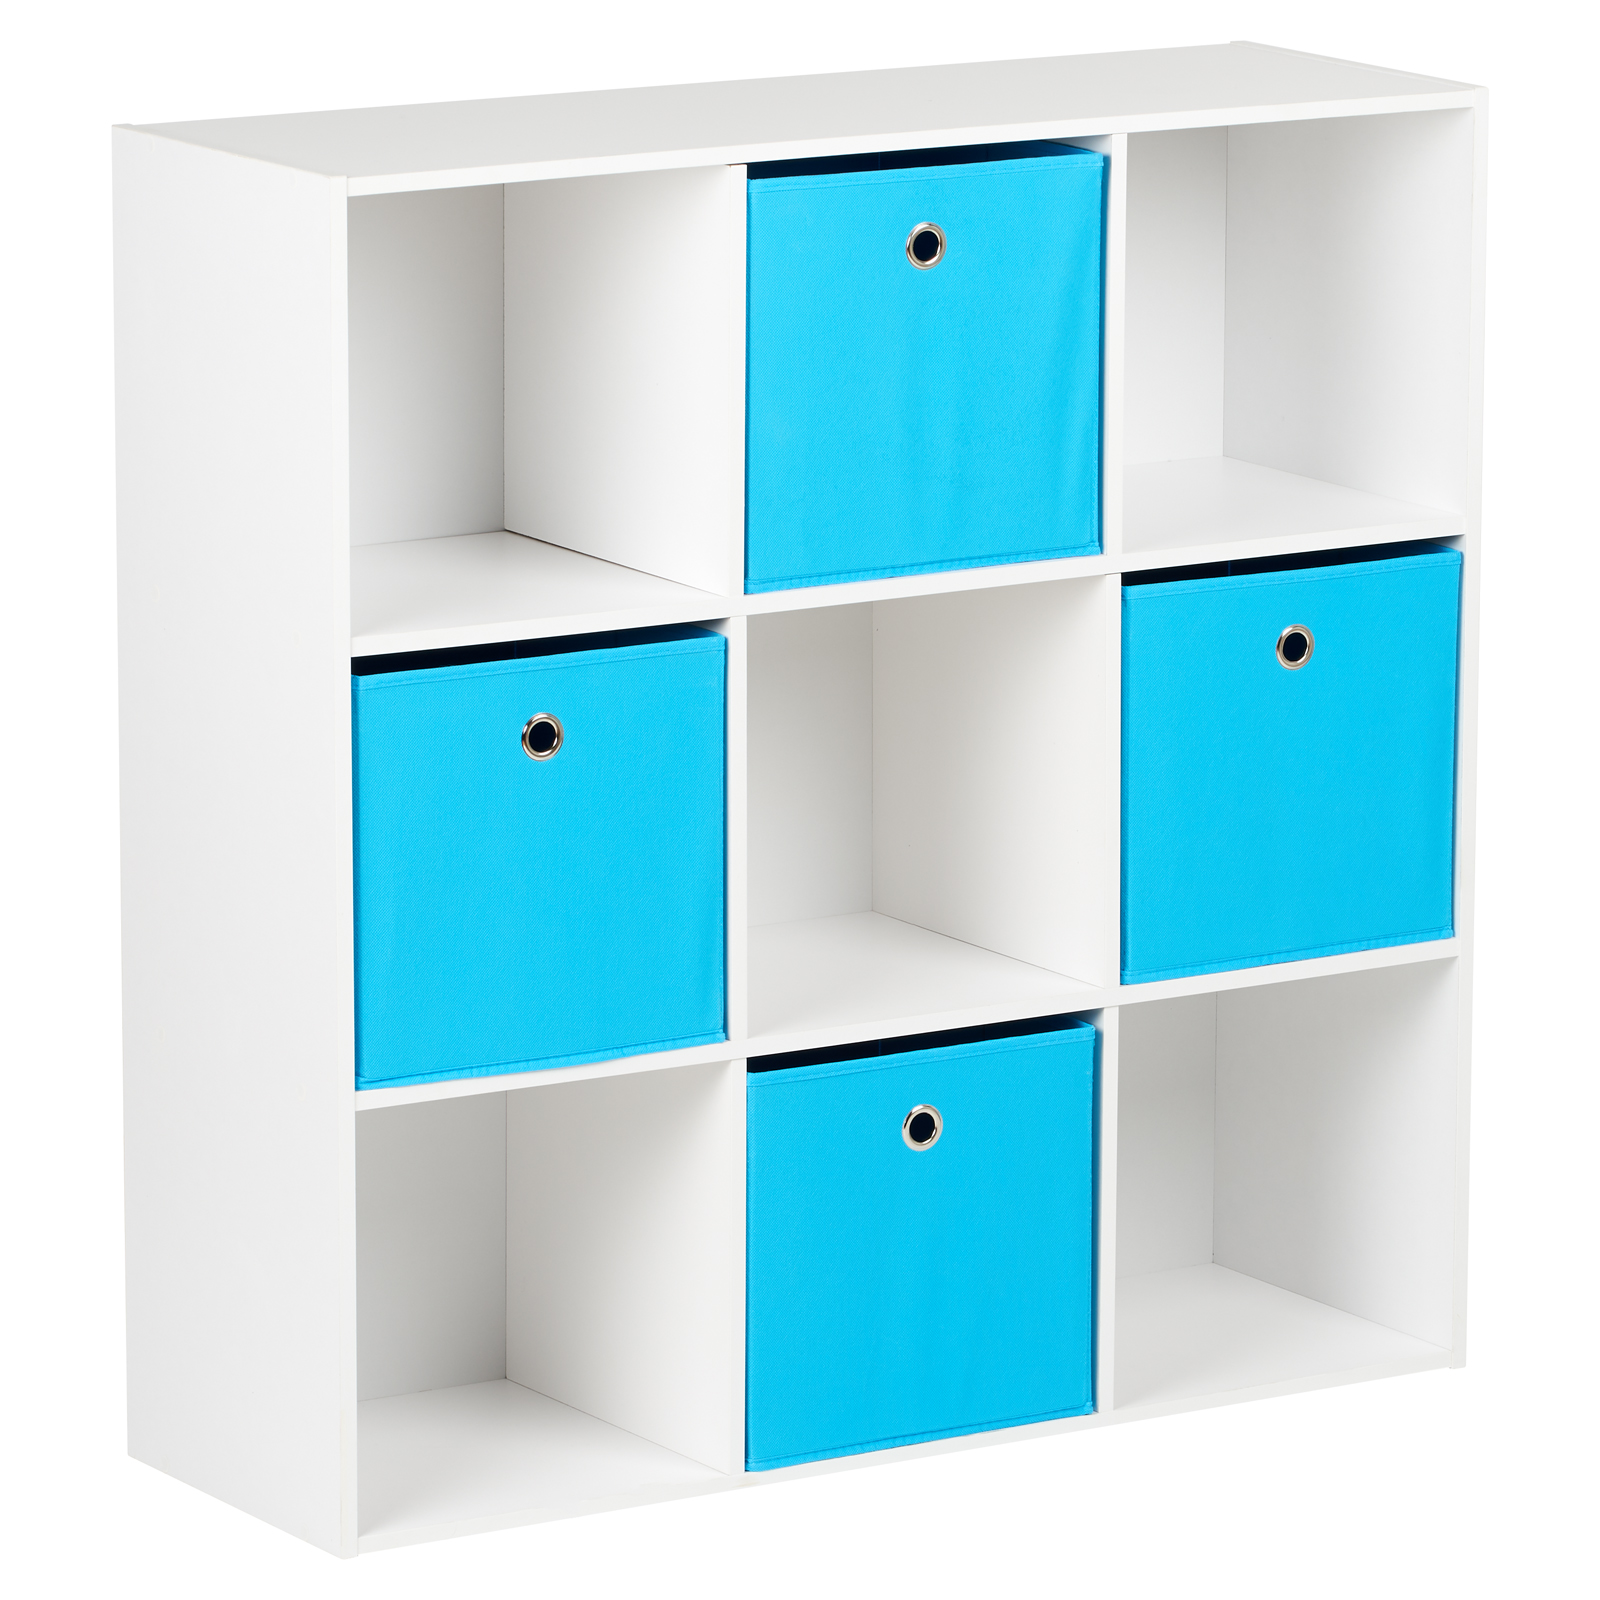 Scatole Per Scaffali.Dettagli Su Hartleys Mobile Scaffale Bianca Moderno 9 Cubi Modulare 4 Cassetti Scatole Blu